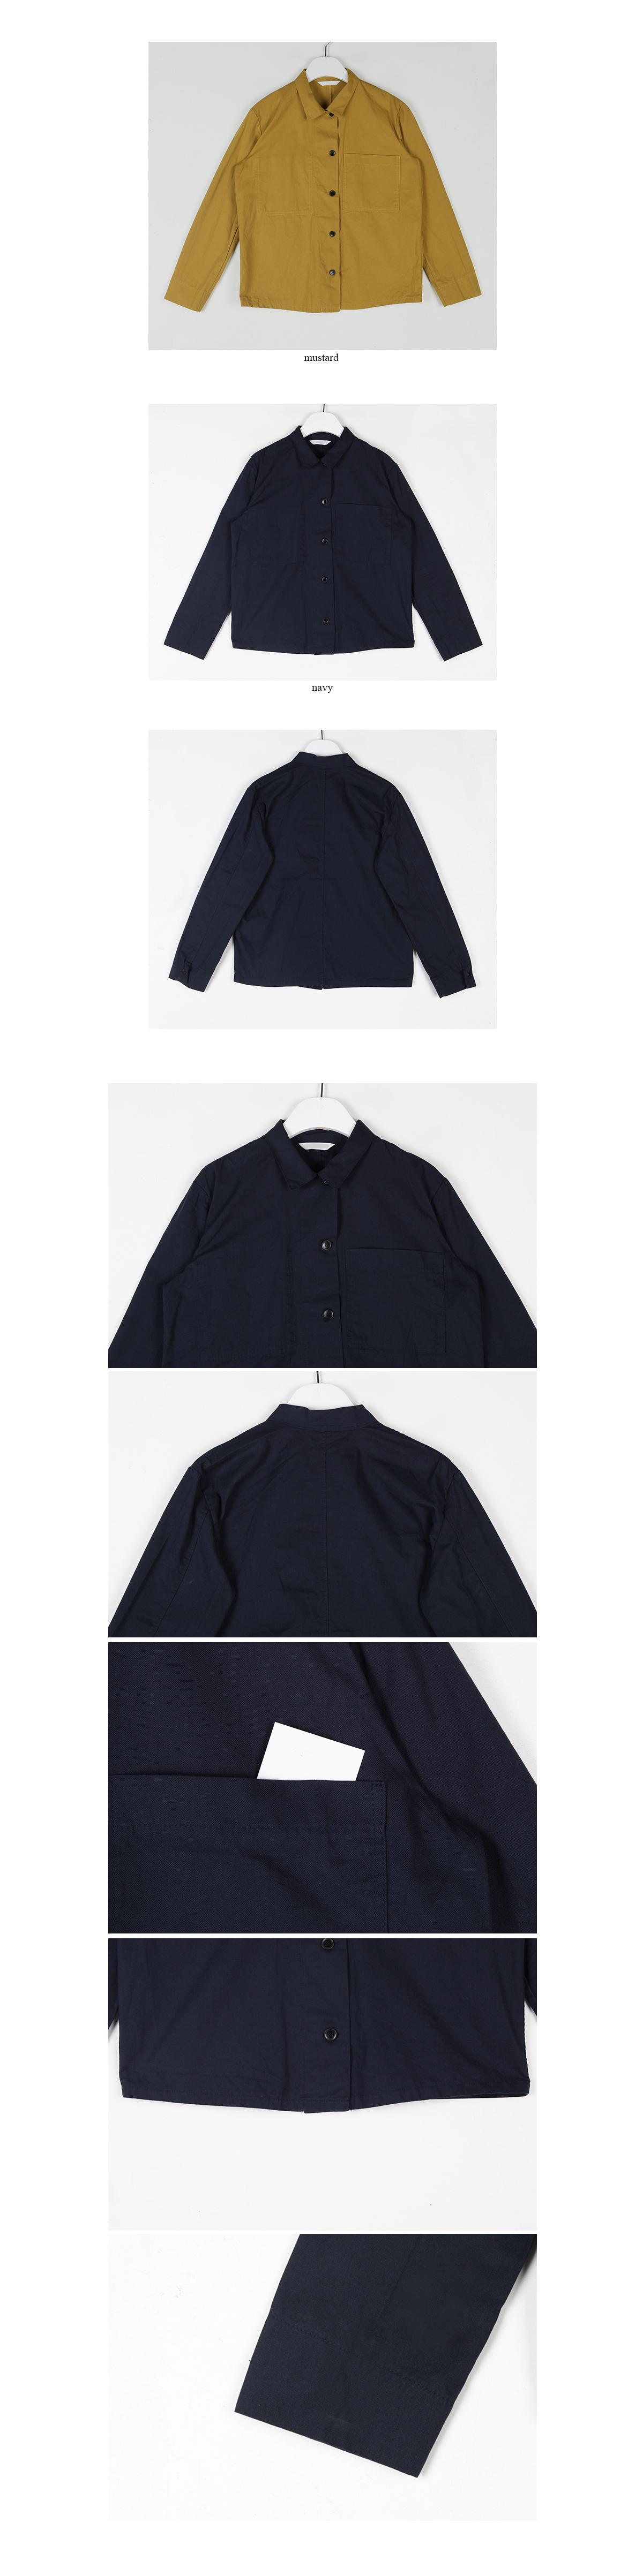 margaret cotton shirt (2colors)